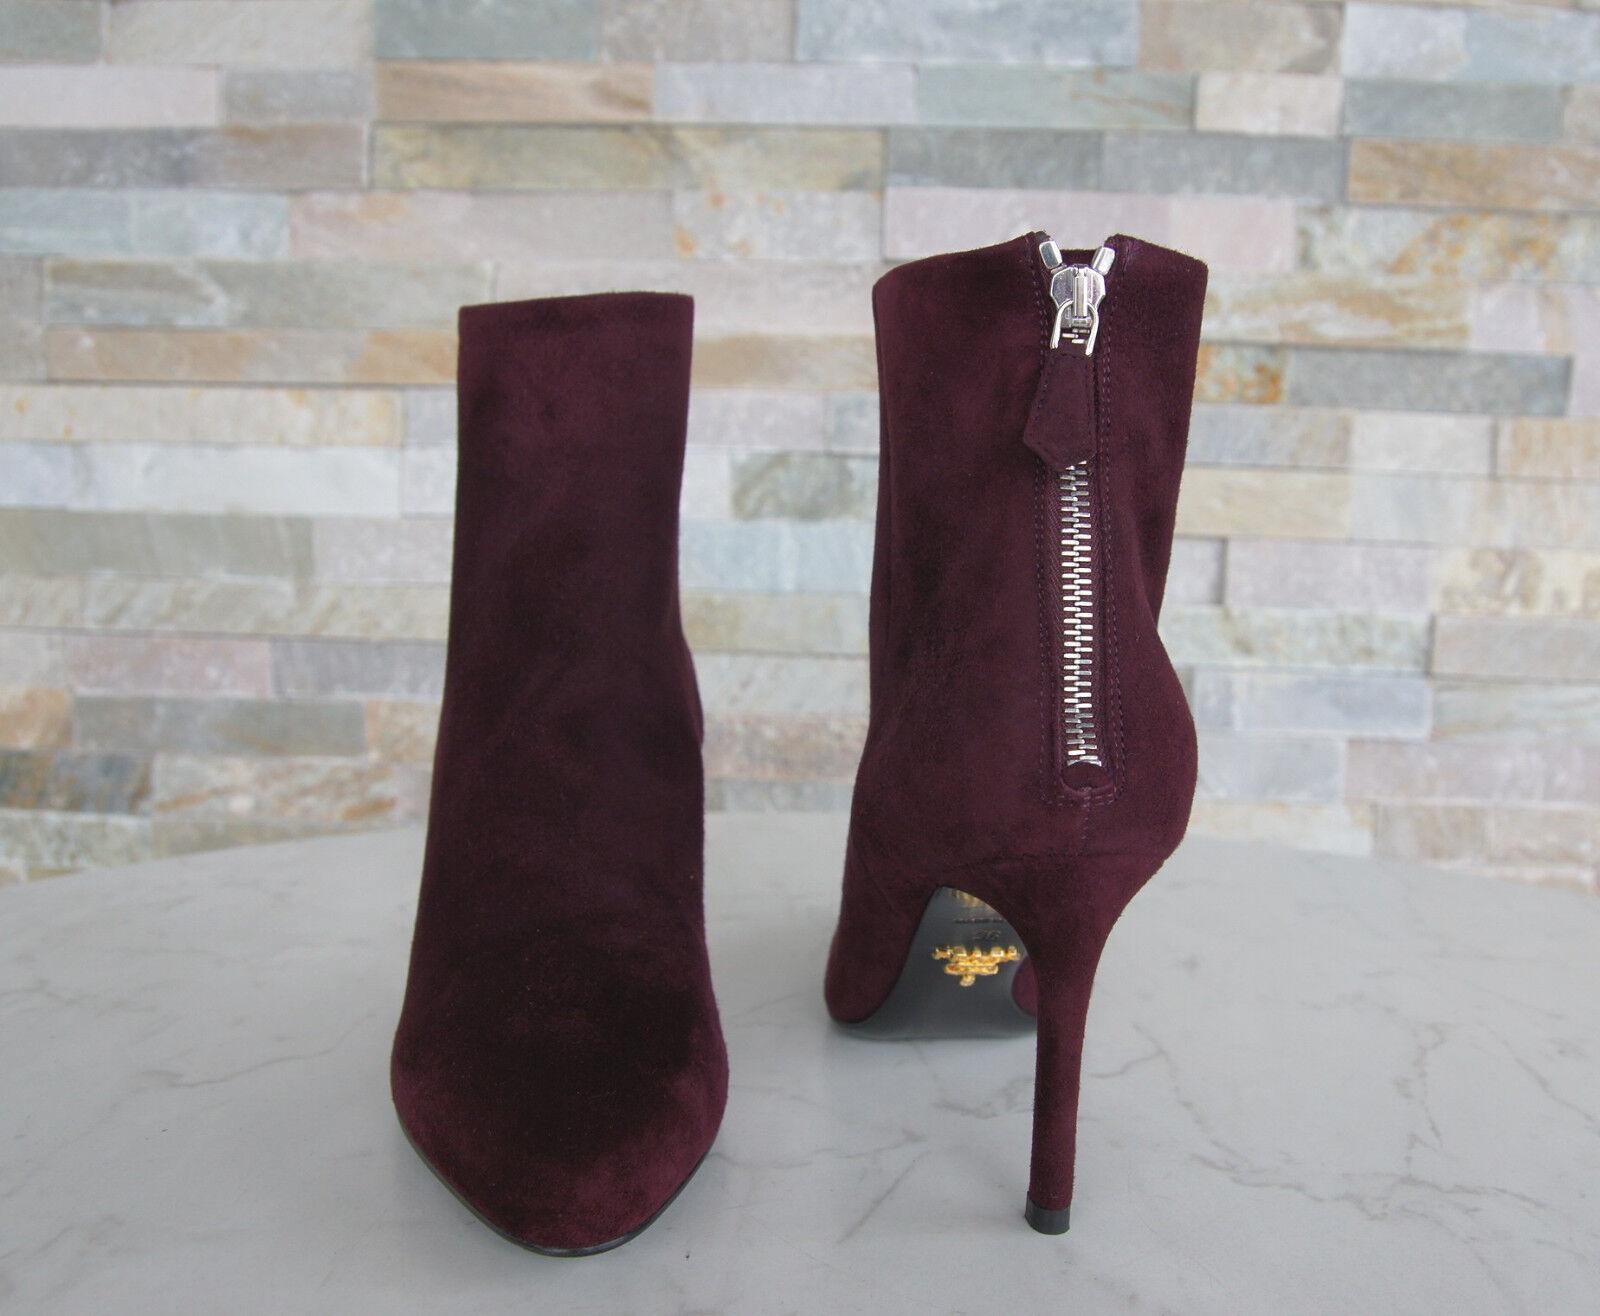 PRADA Gr 36 Stiefeletten Stiefeletten Stiefeletten Stiefel Schuhe Granato rot 1T079G neu ehem. f6a3ad